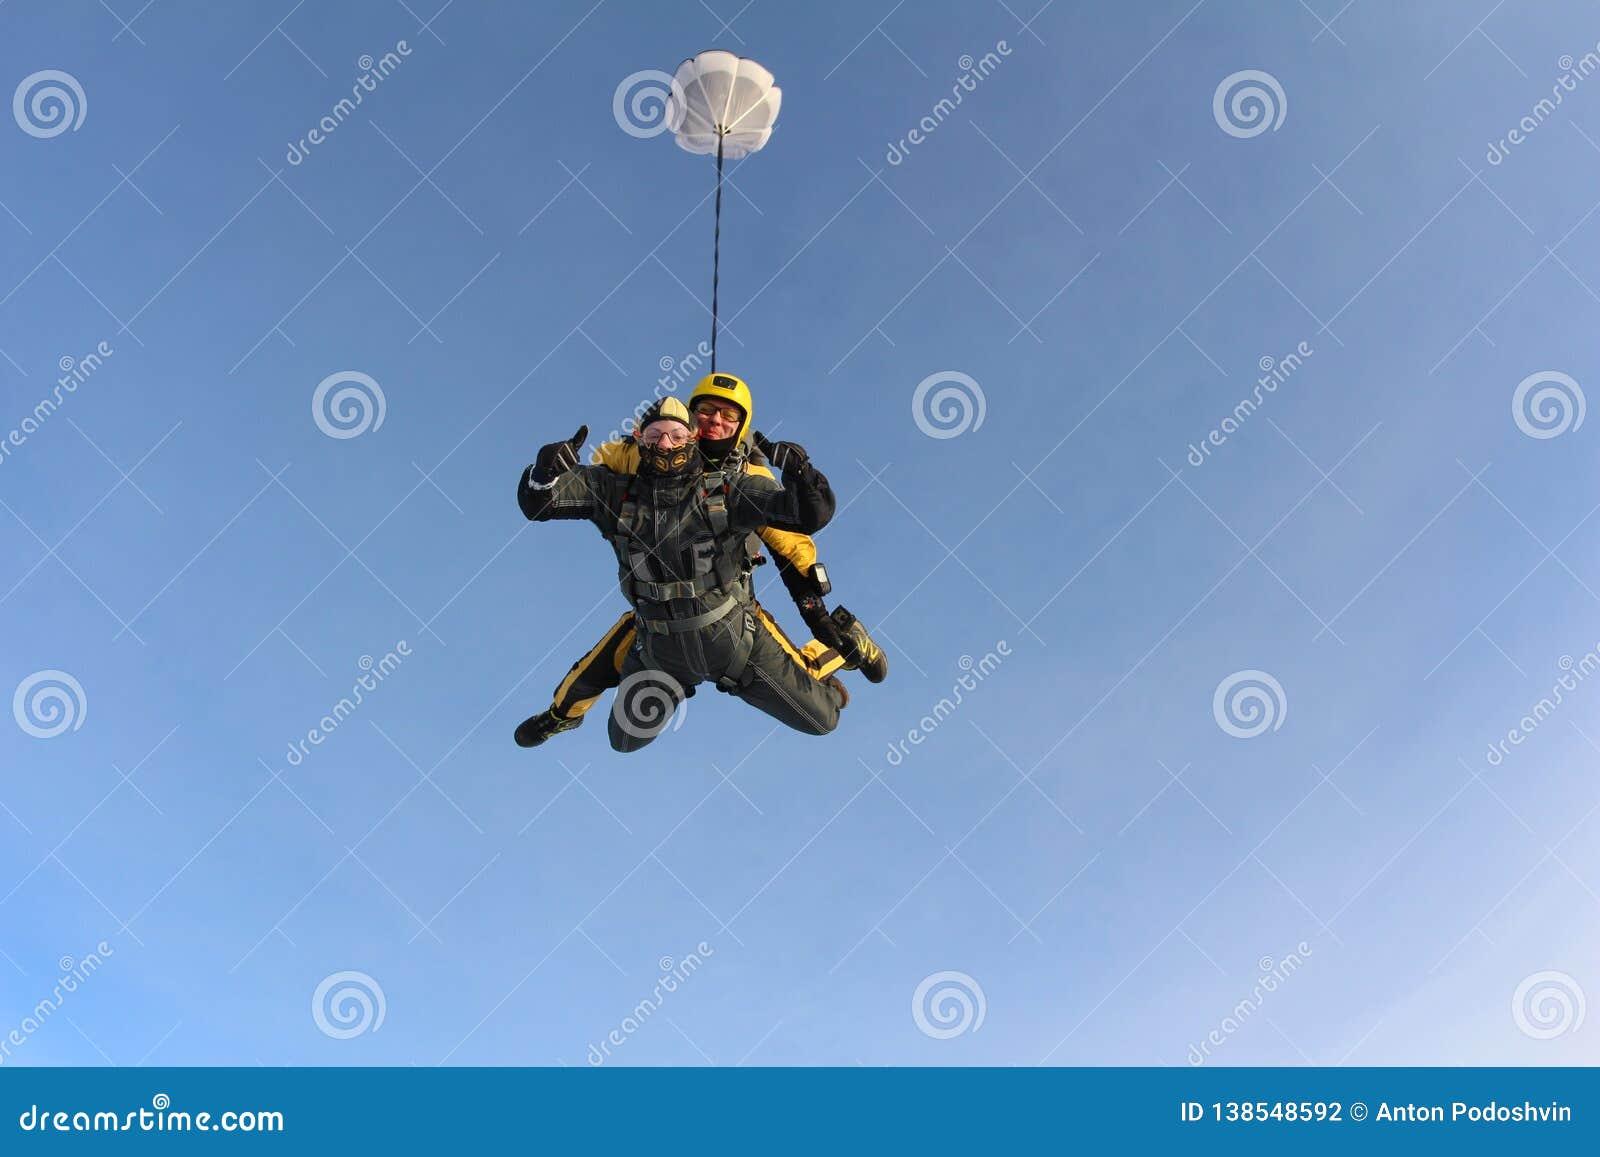 El saltar en caída libre en tándem Los Skydivers están volando sobre las nubes blancas